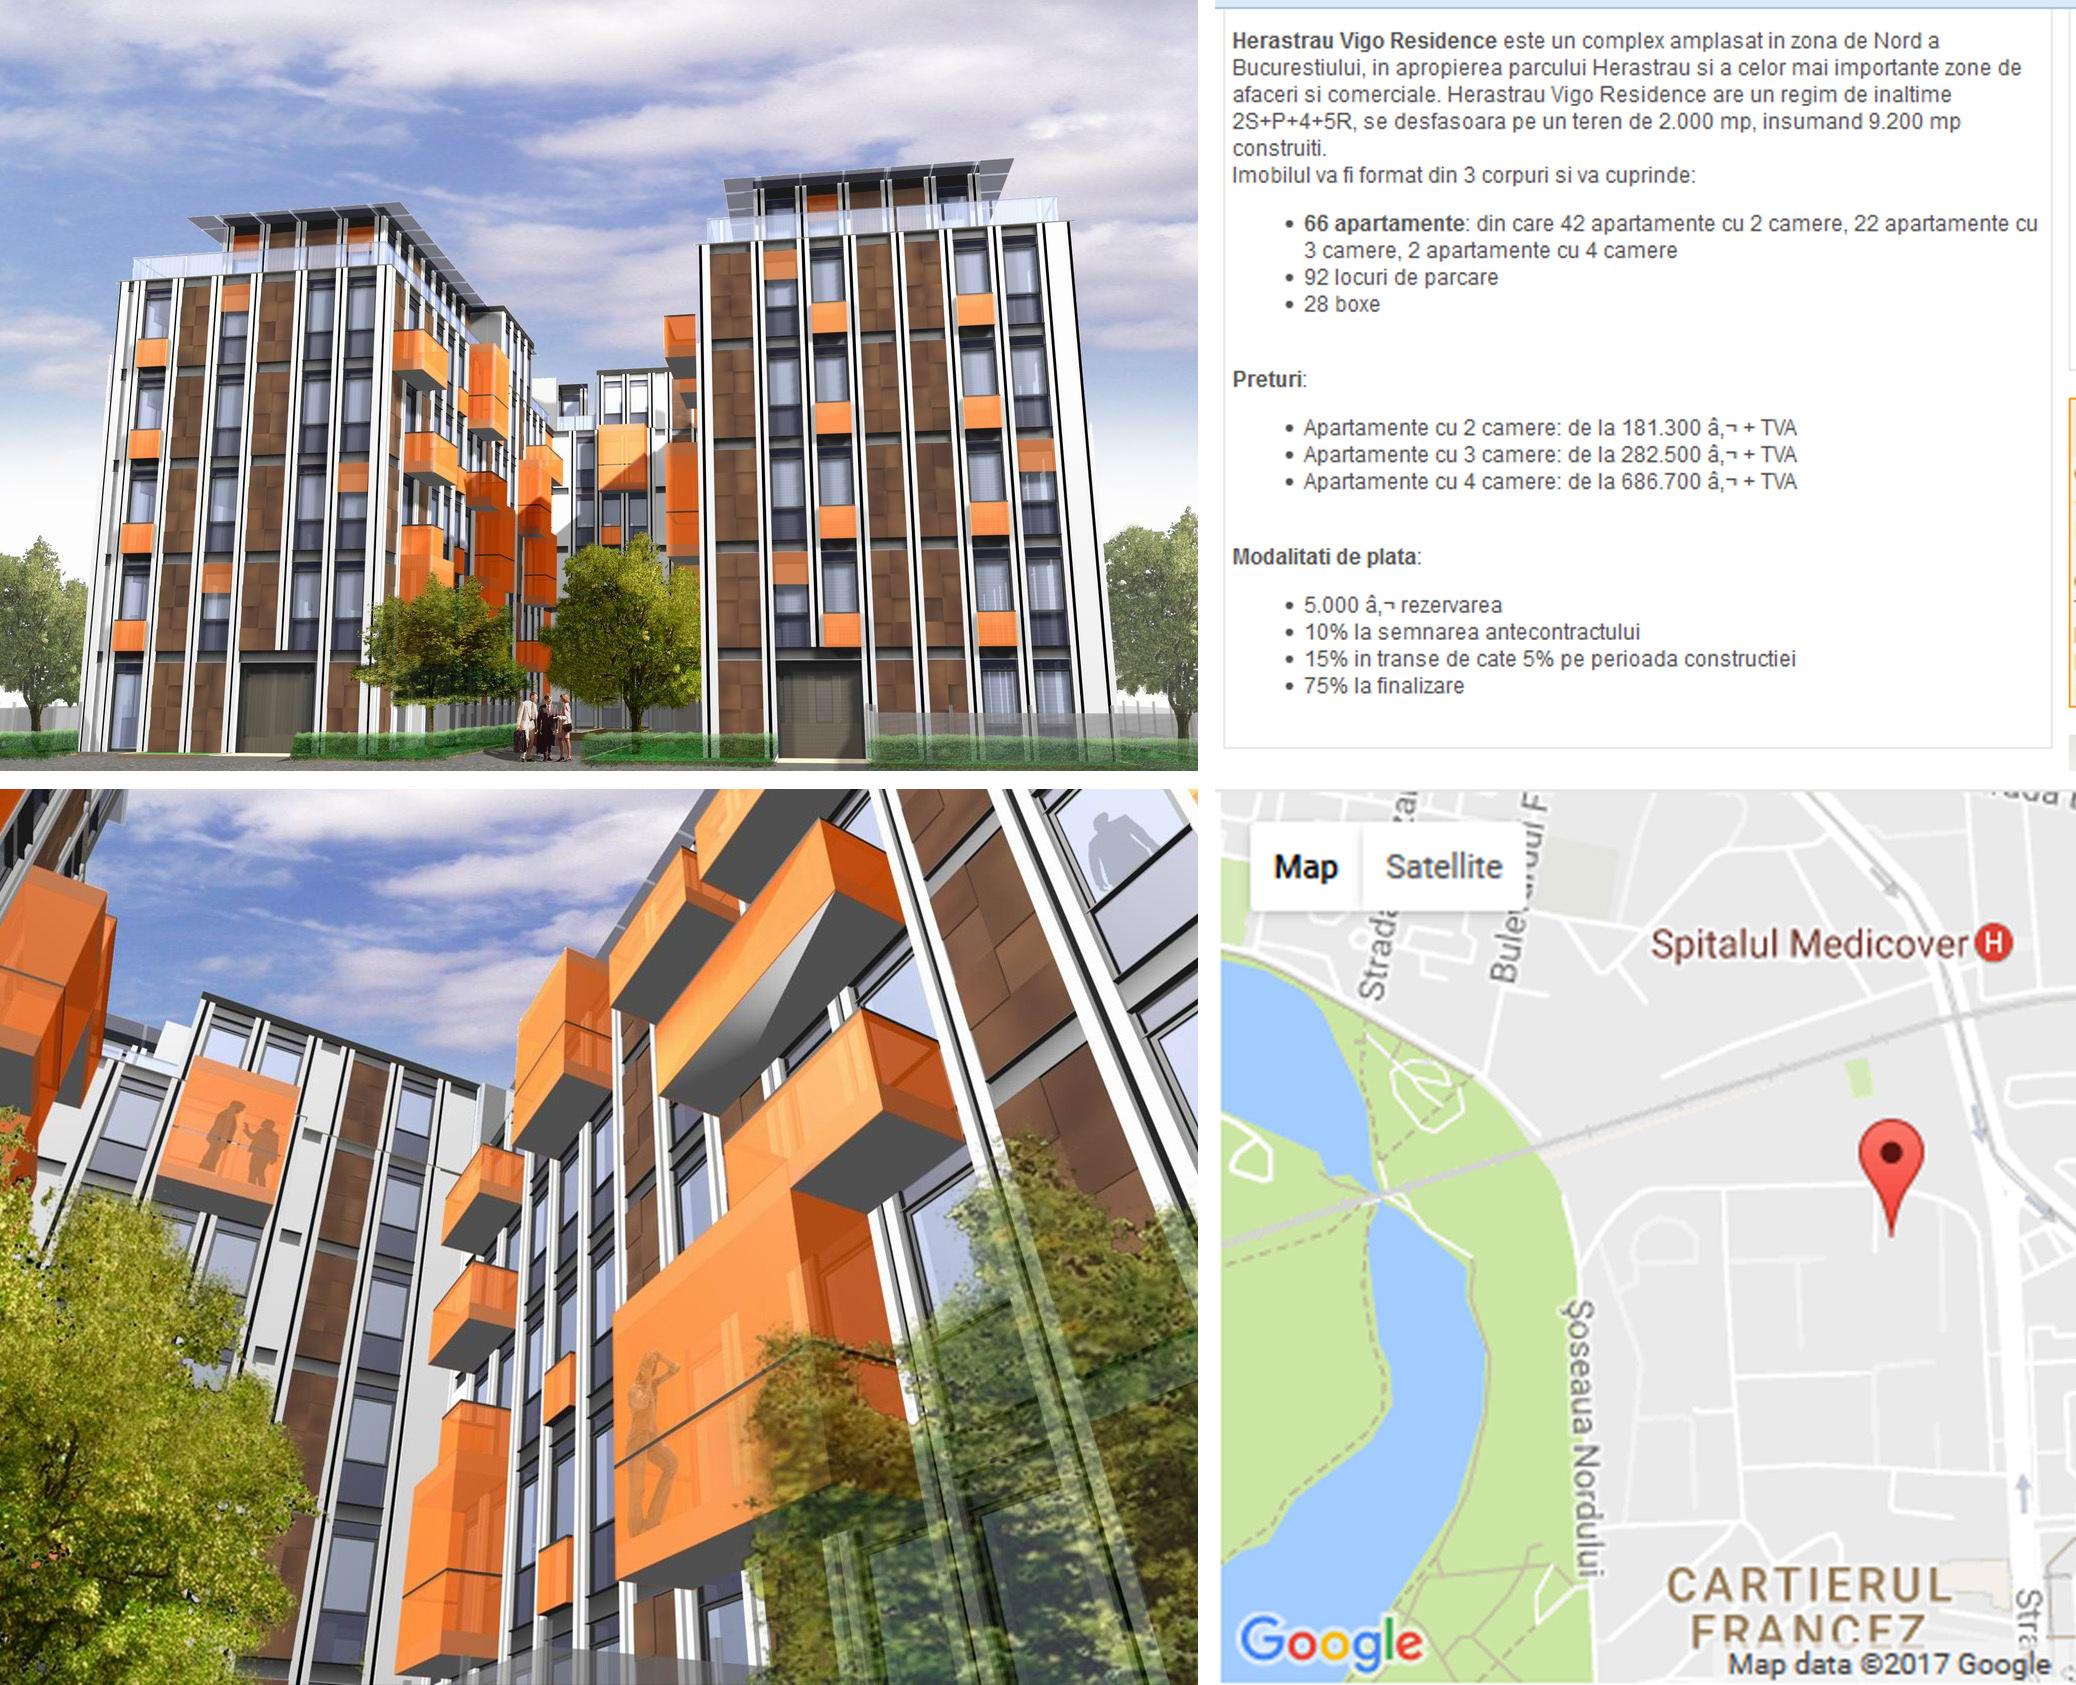 """În urmă cu 8 ani, italianul Giancarlo Vigo scotea la vânzare cele mai scumpe apartamente din România în ansamblul """"Herăstrău Vigo Residence"""""""